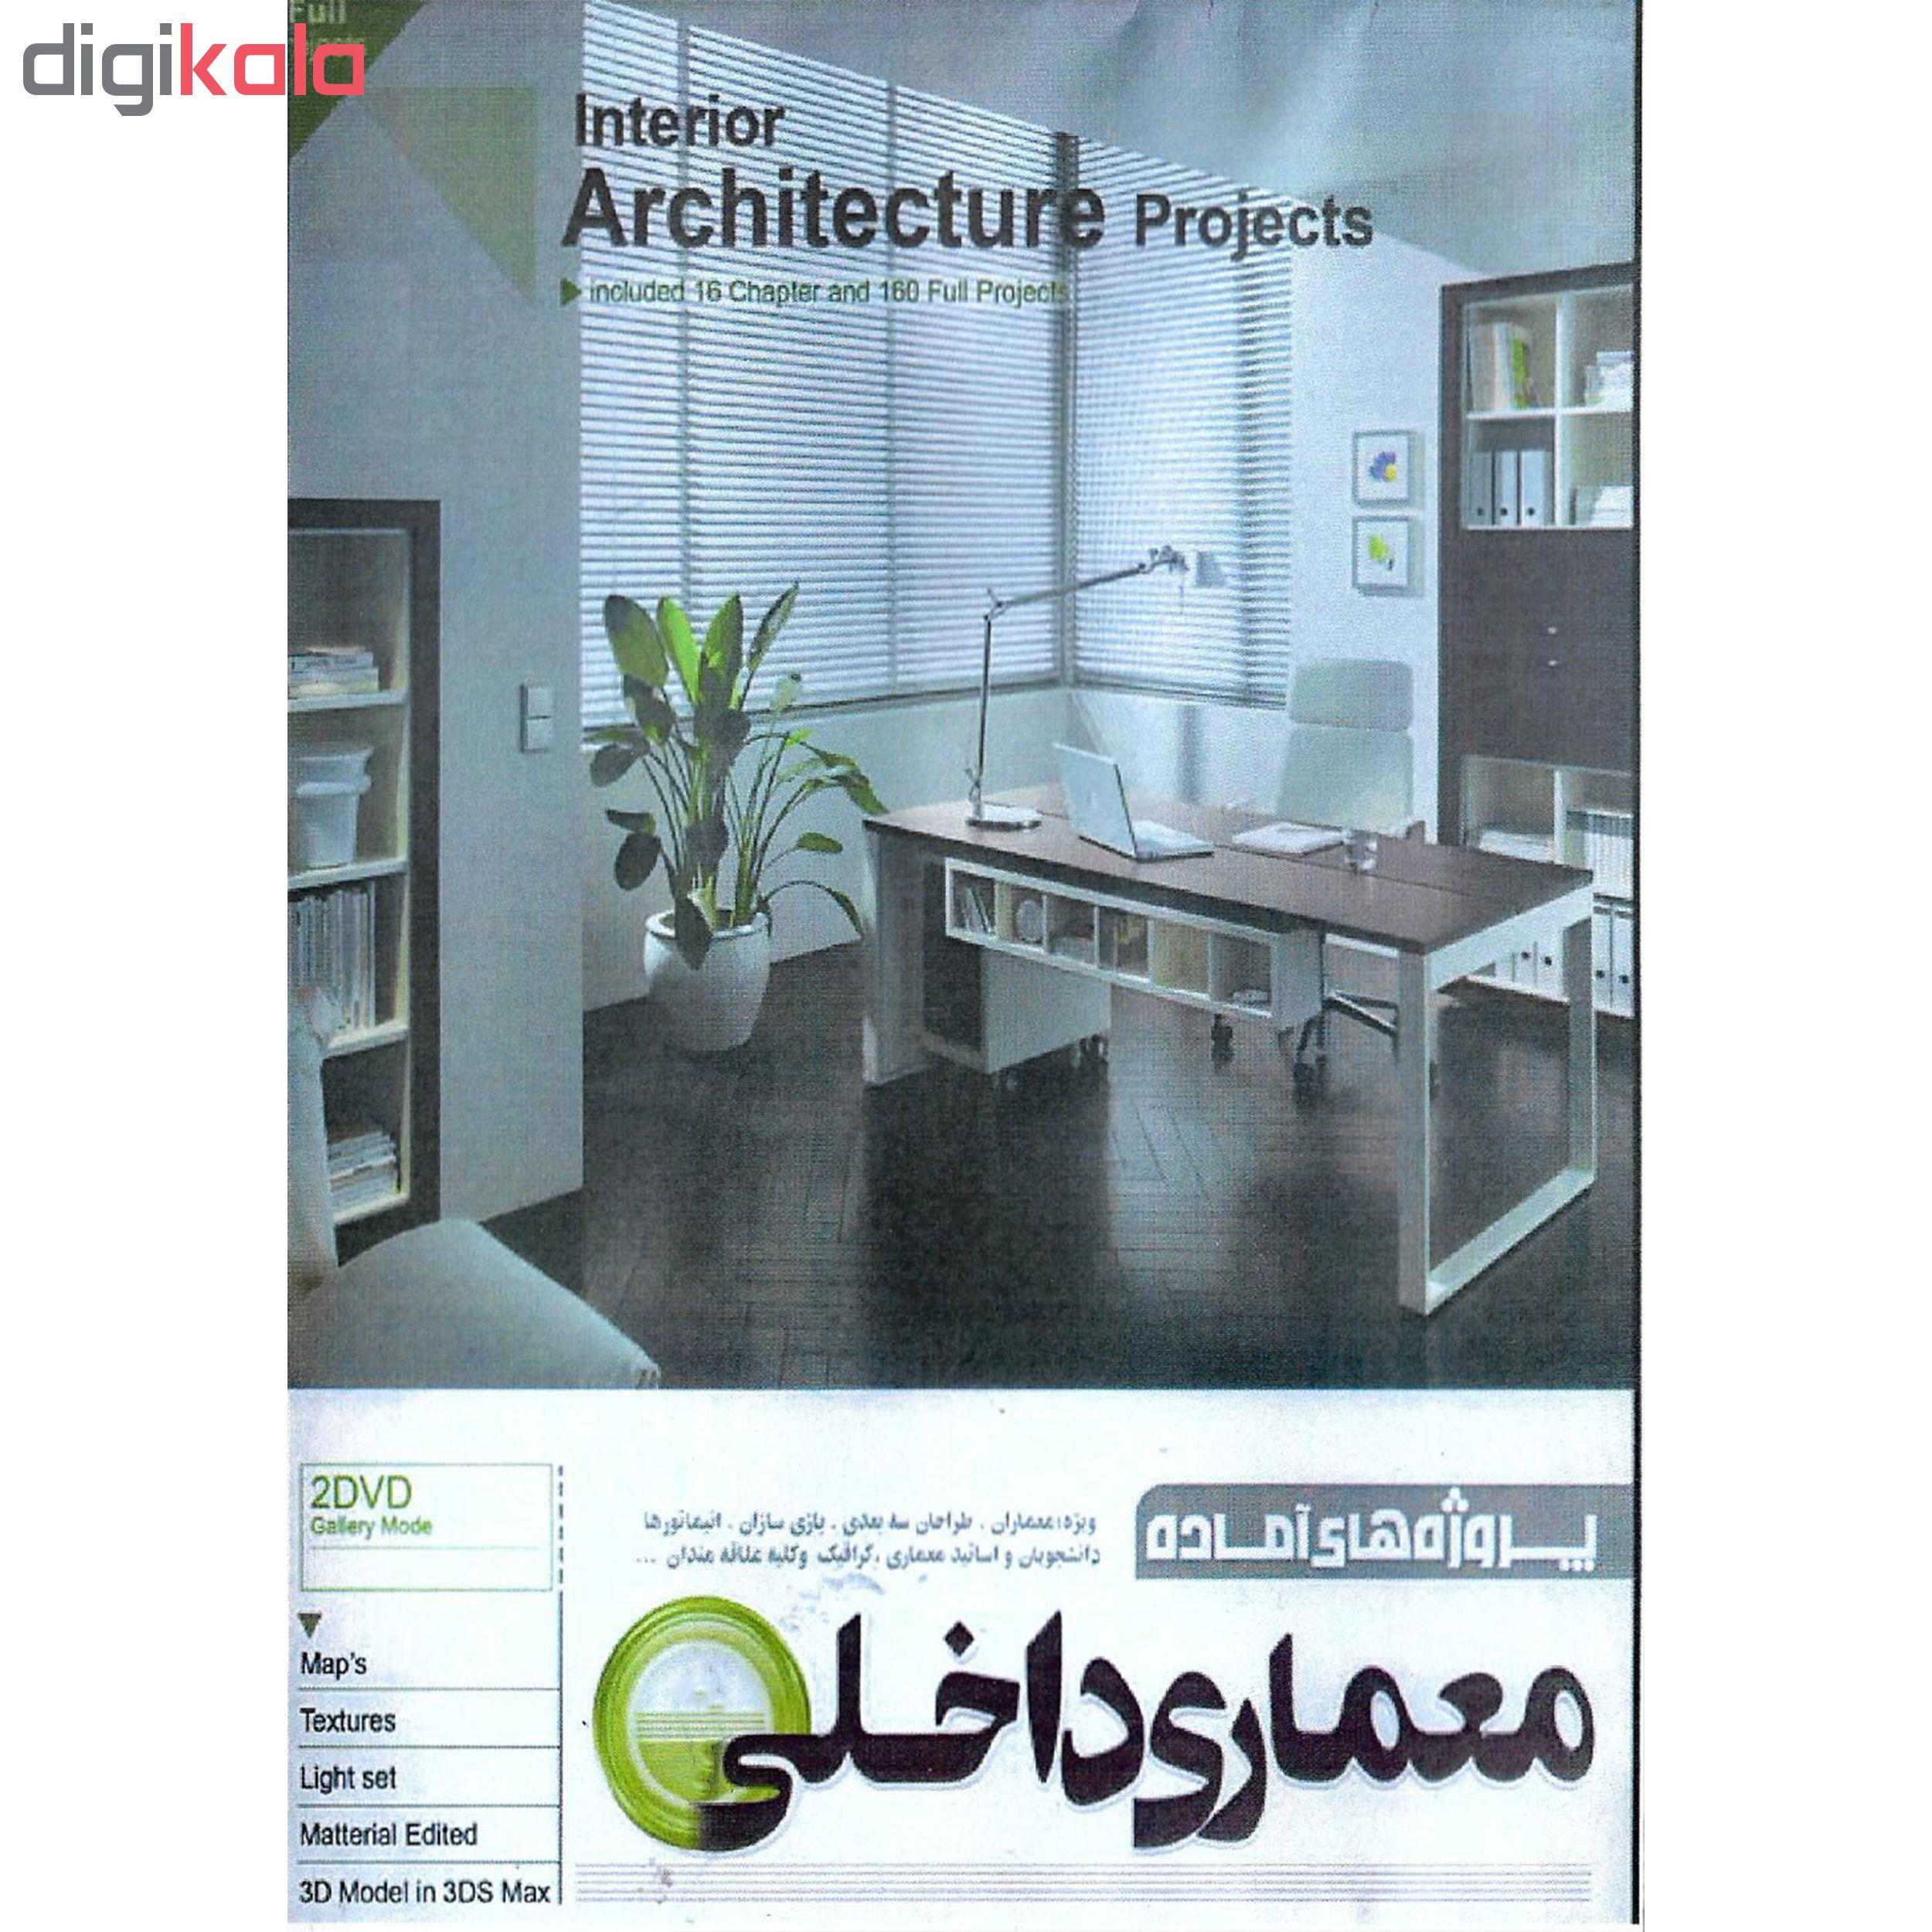 نرم افزار پروژه های آماده معماری داخلی نشر الکترونیک پانا به همراه نرم افزار پروژه های آماده معماری خارجی نشر الکترونیک پانا